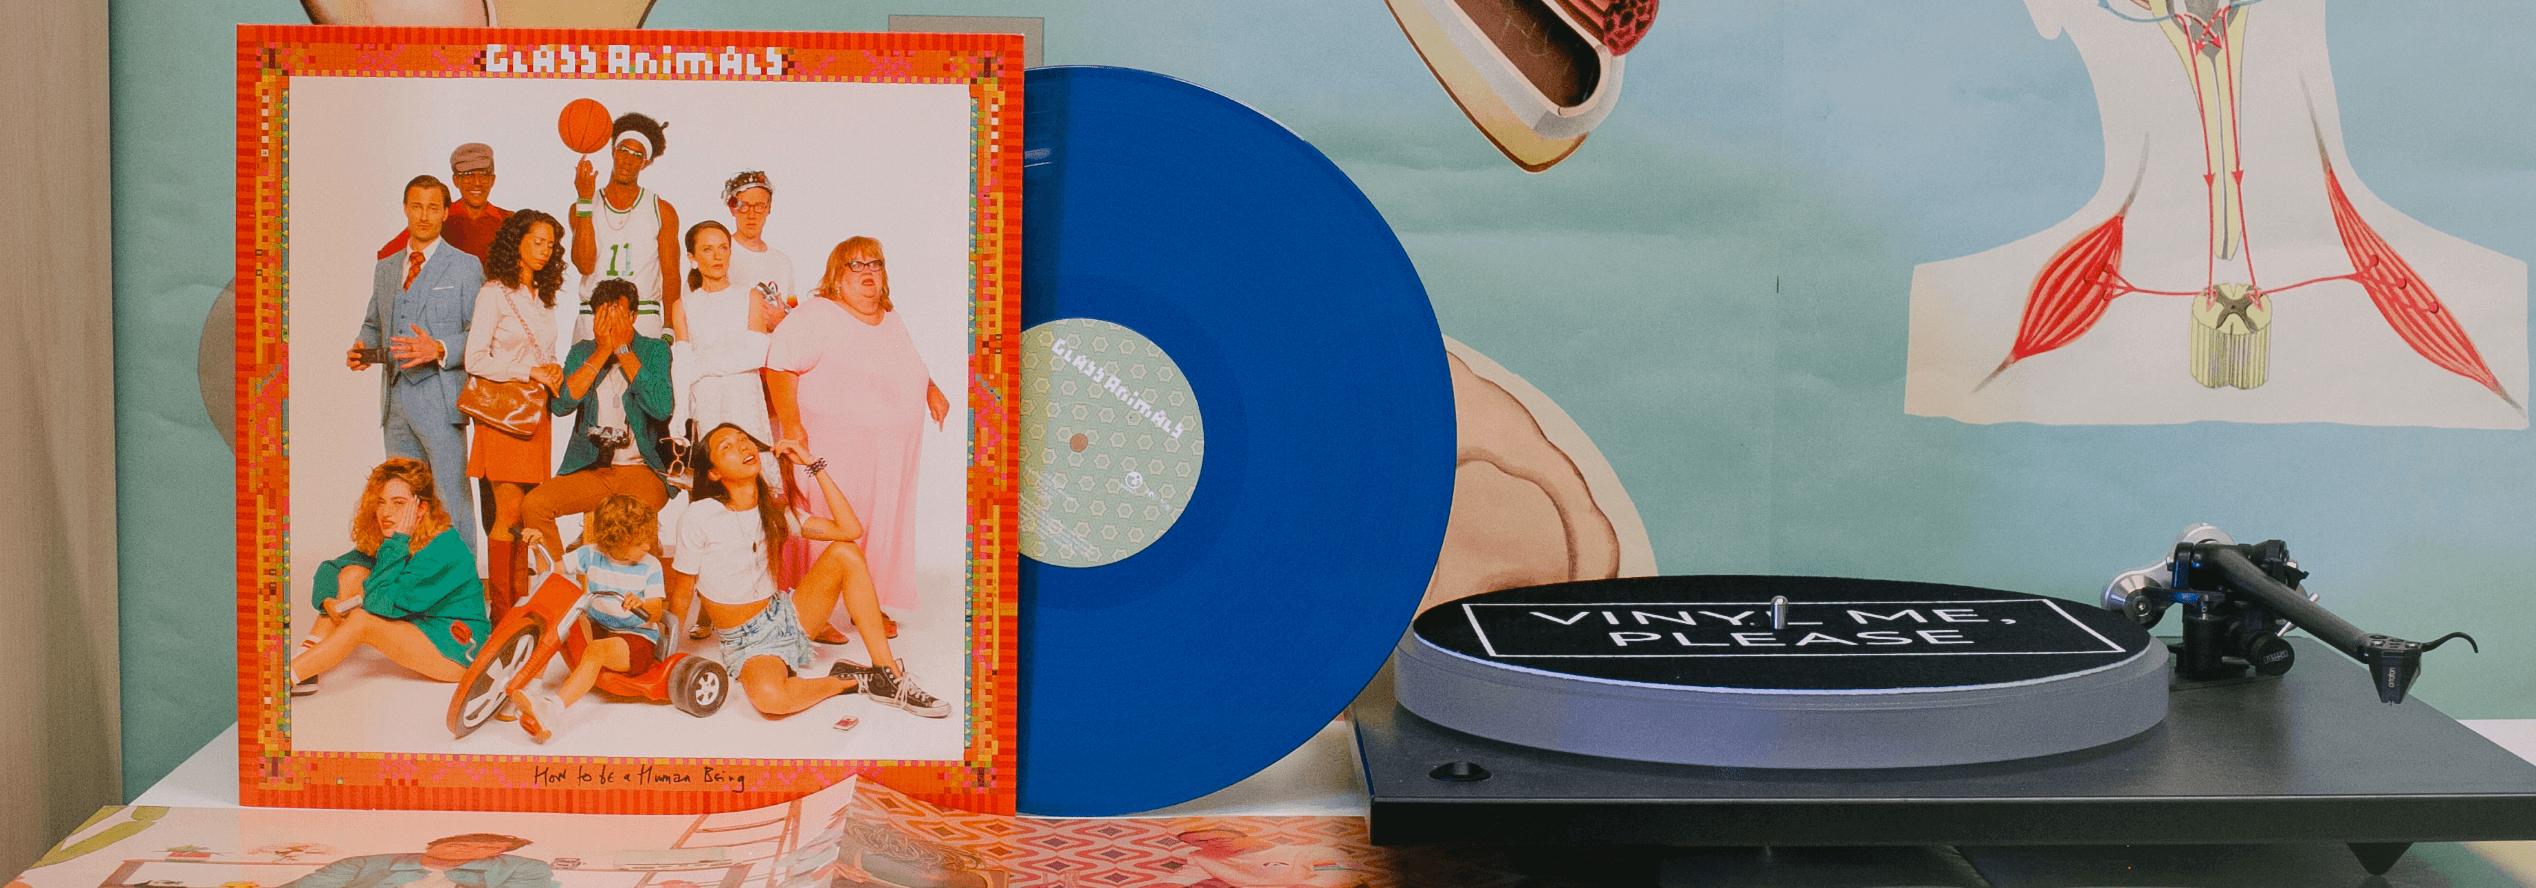 Glass Animals Lp Newest In The Vmp Series Modern Vinyl